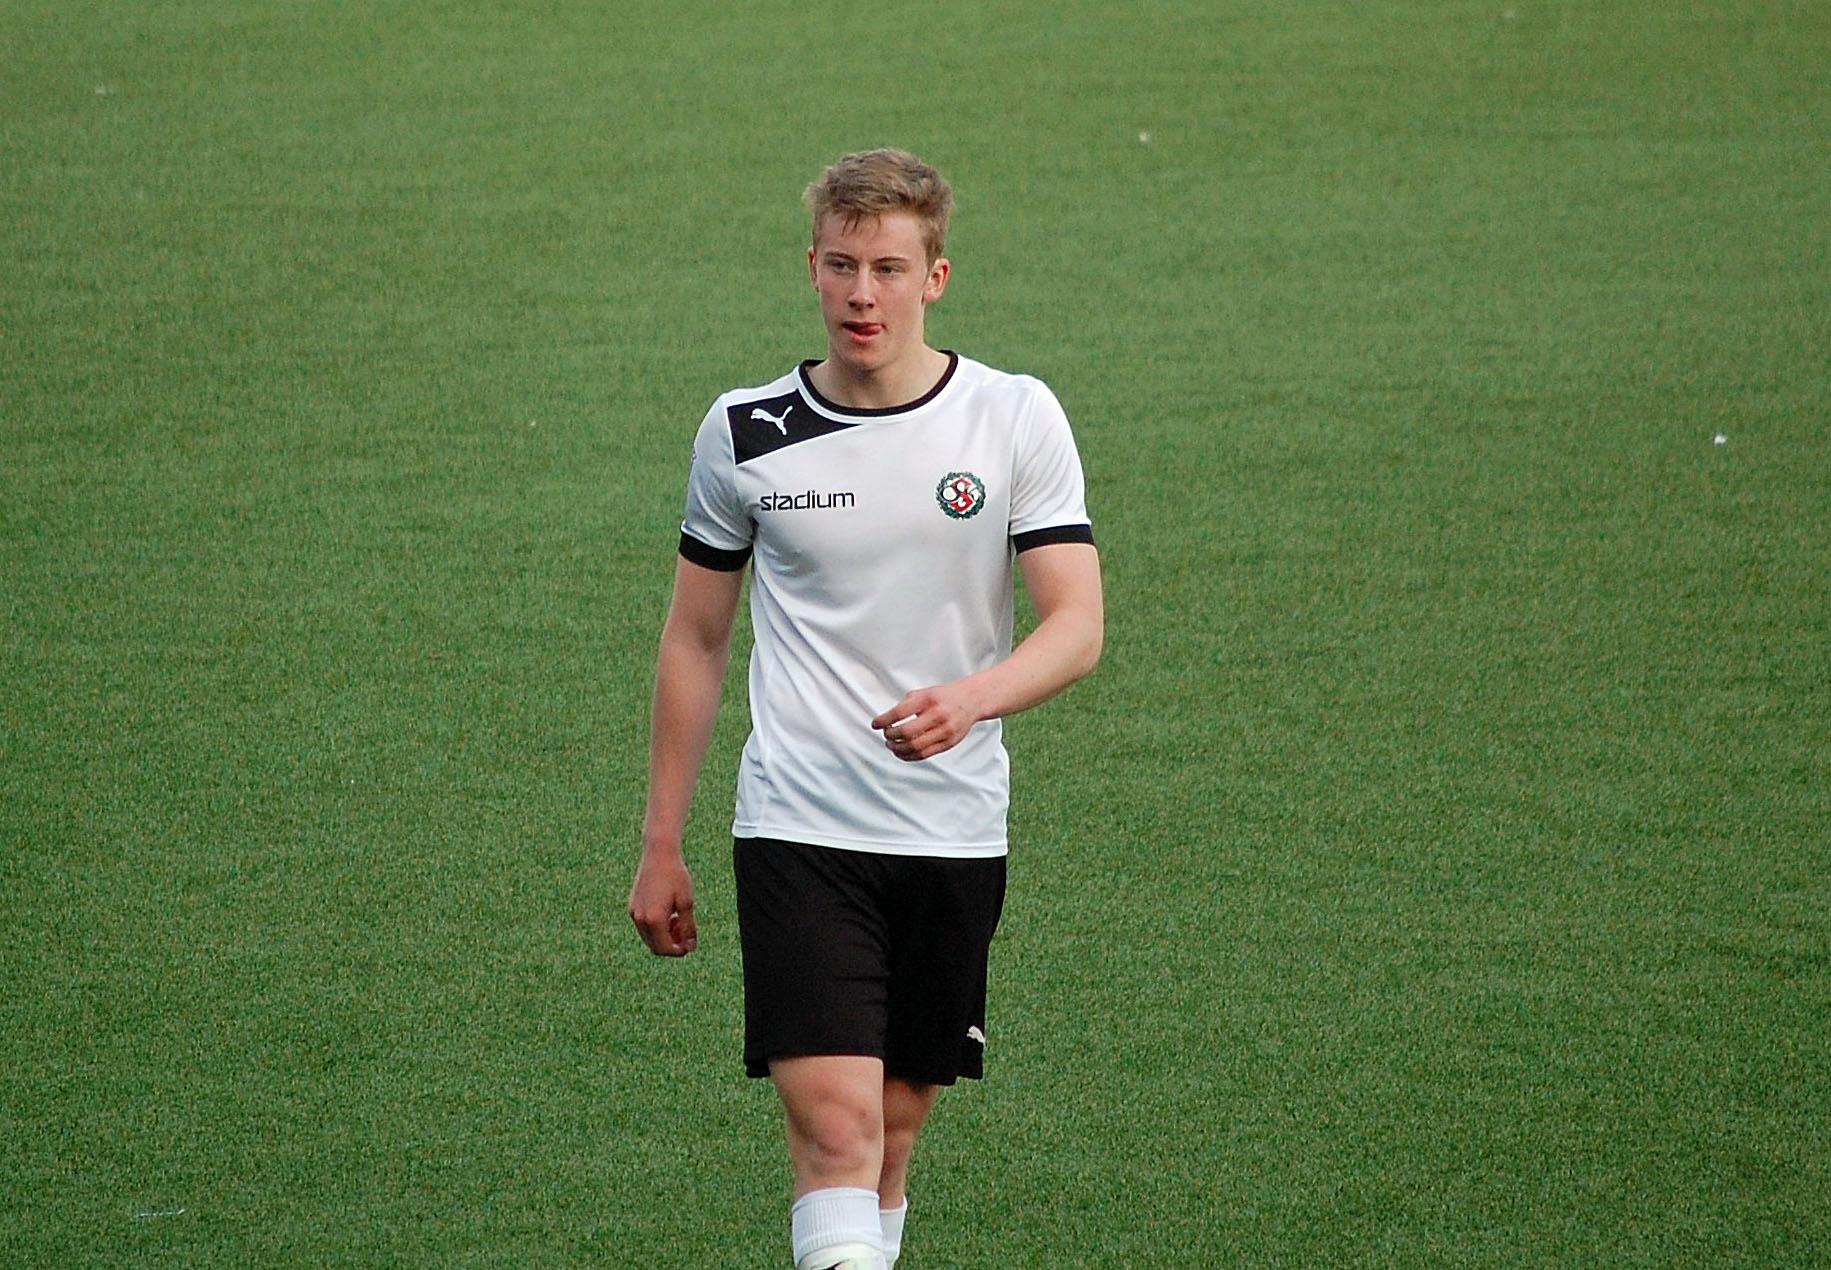 Två mål och en målgivande passning för Jonathan Lundberg.